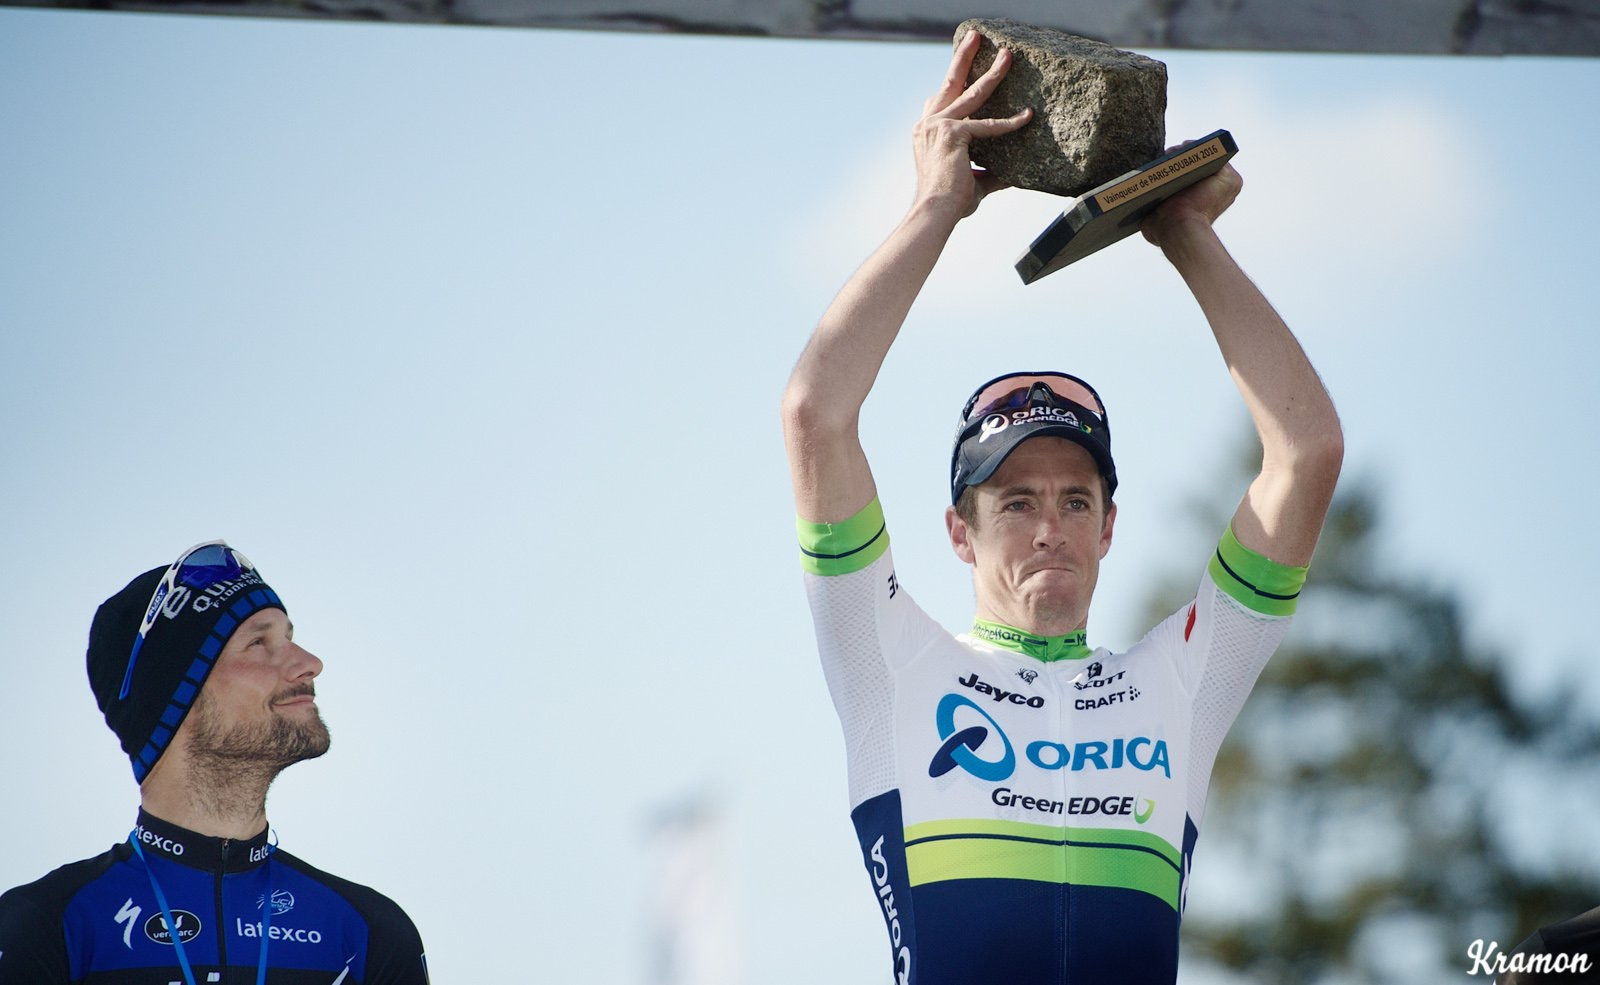 OBE rennersprofiel: Mathew Hayman. Half Australiër, half Belg/Nederlander